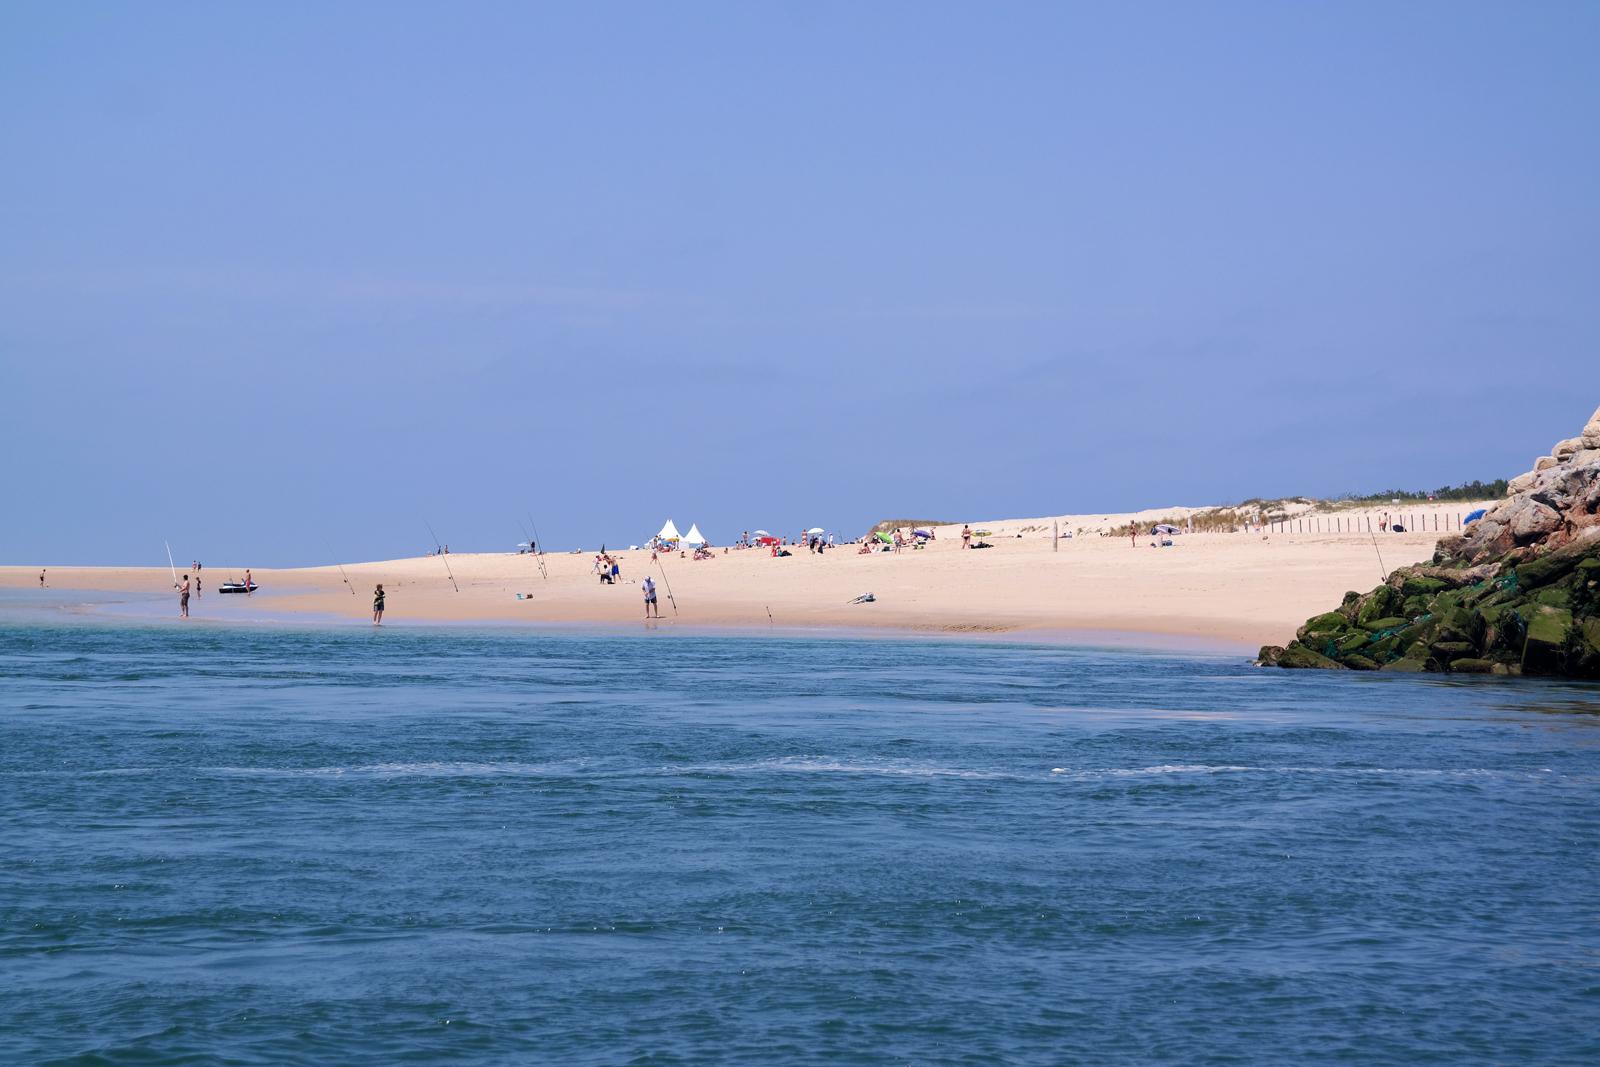 Pointe du Cap Ferret plage vue de bateau ostréiculteur Bassin d Arcachon vacances tourisme photo usofparis blog